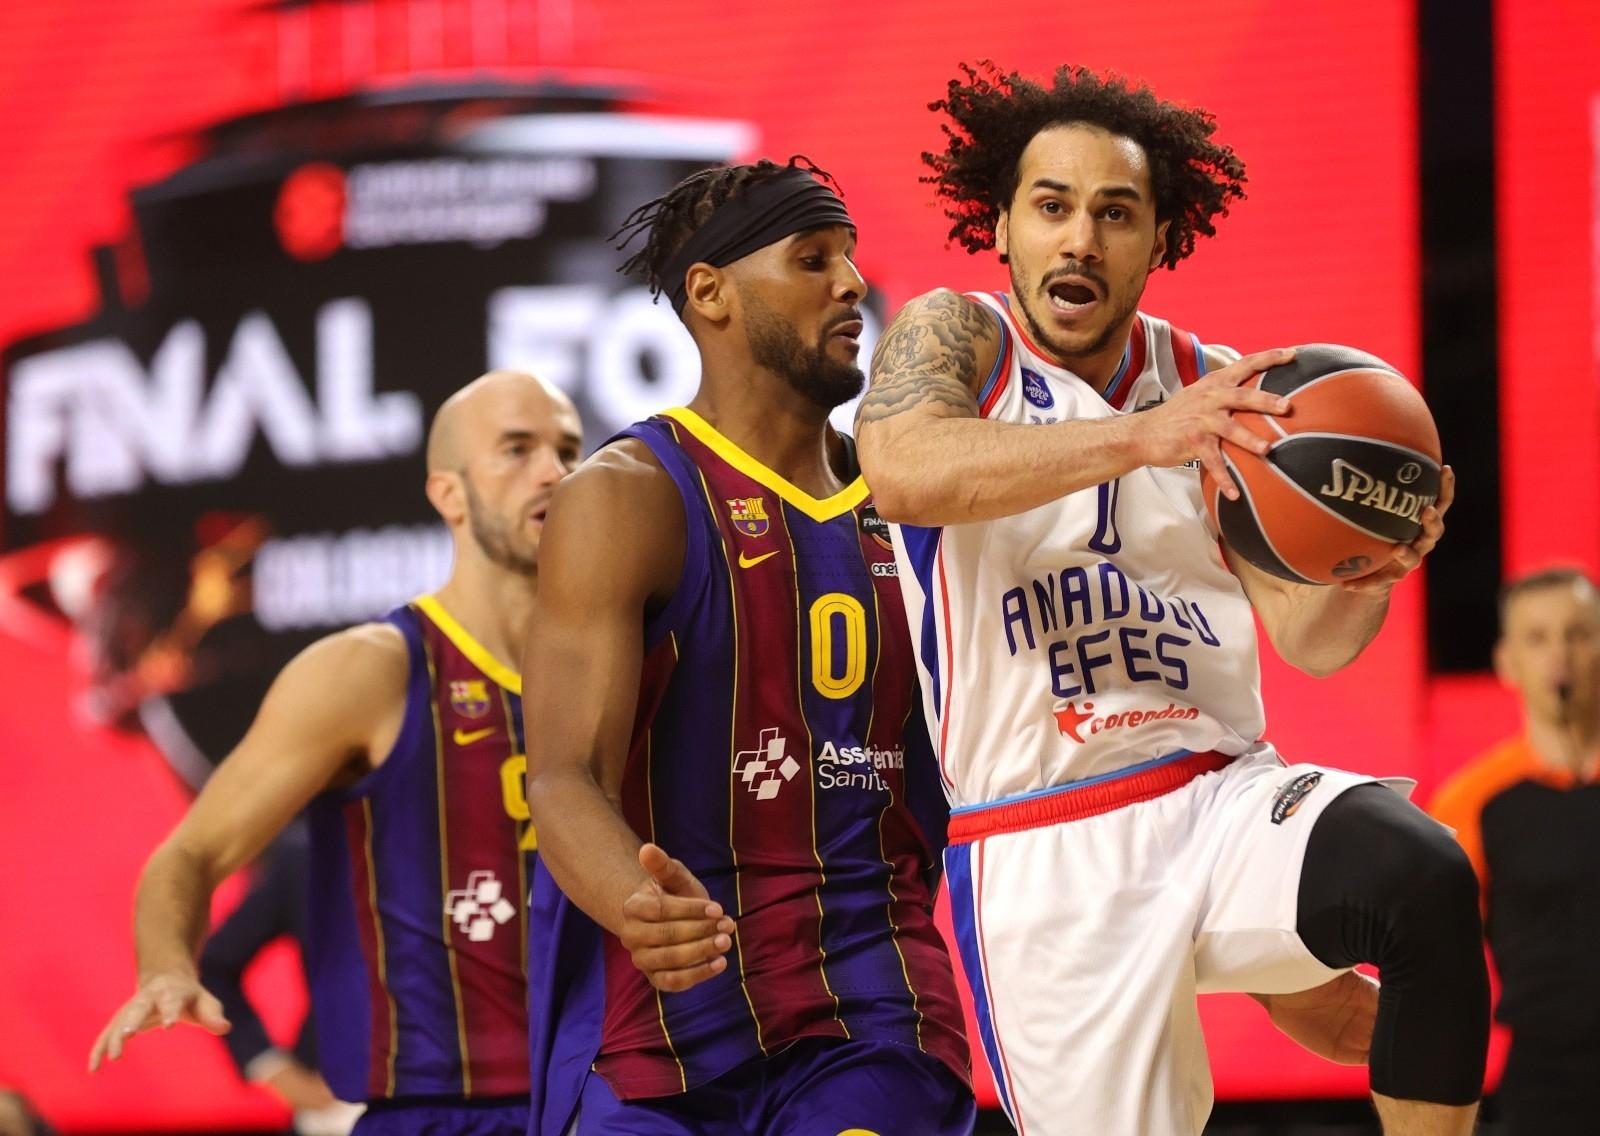 2021/05/basketbolda-avrupanin-en-buyugu-anadolu-efes-20210530AW33-1.jpg